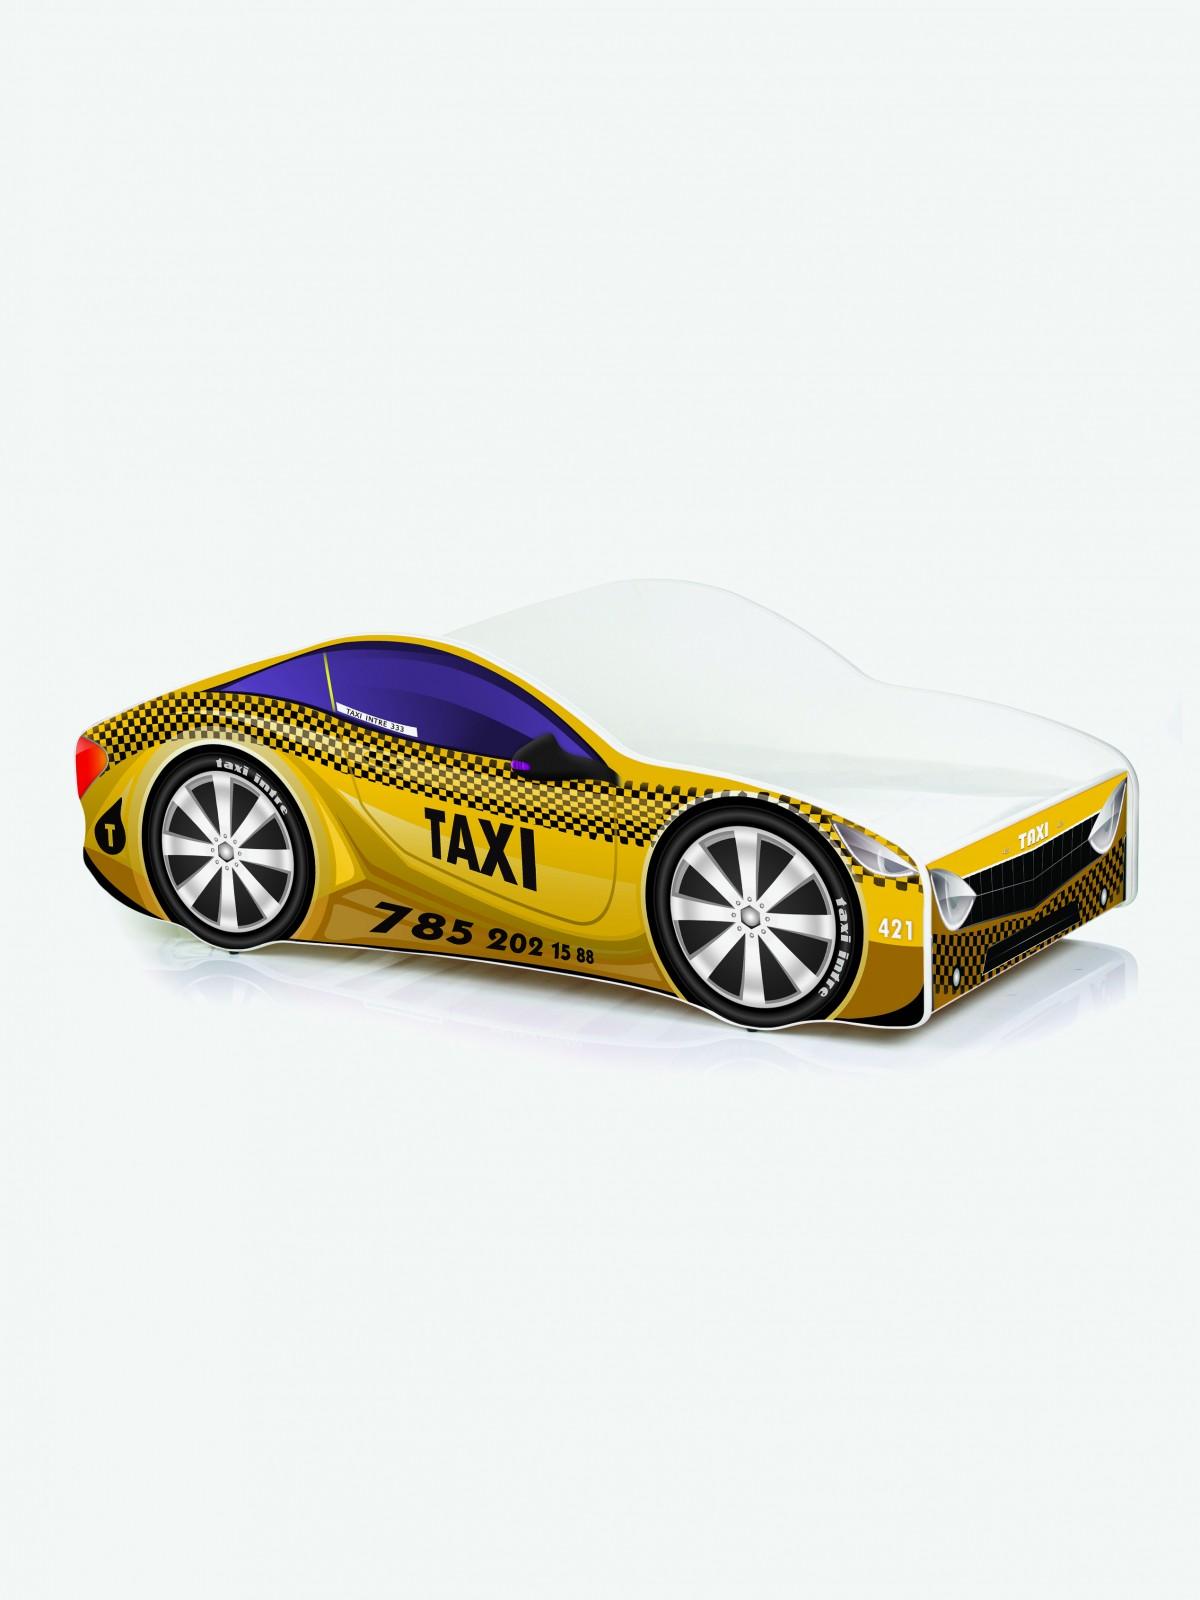 auto kinderbett nobiko mit matratze und lattenrost taxi gelb mit dunkler beschriftung 11. Black Bedroom Furniture Sets. Home Design Ideas